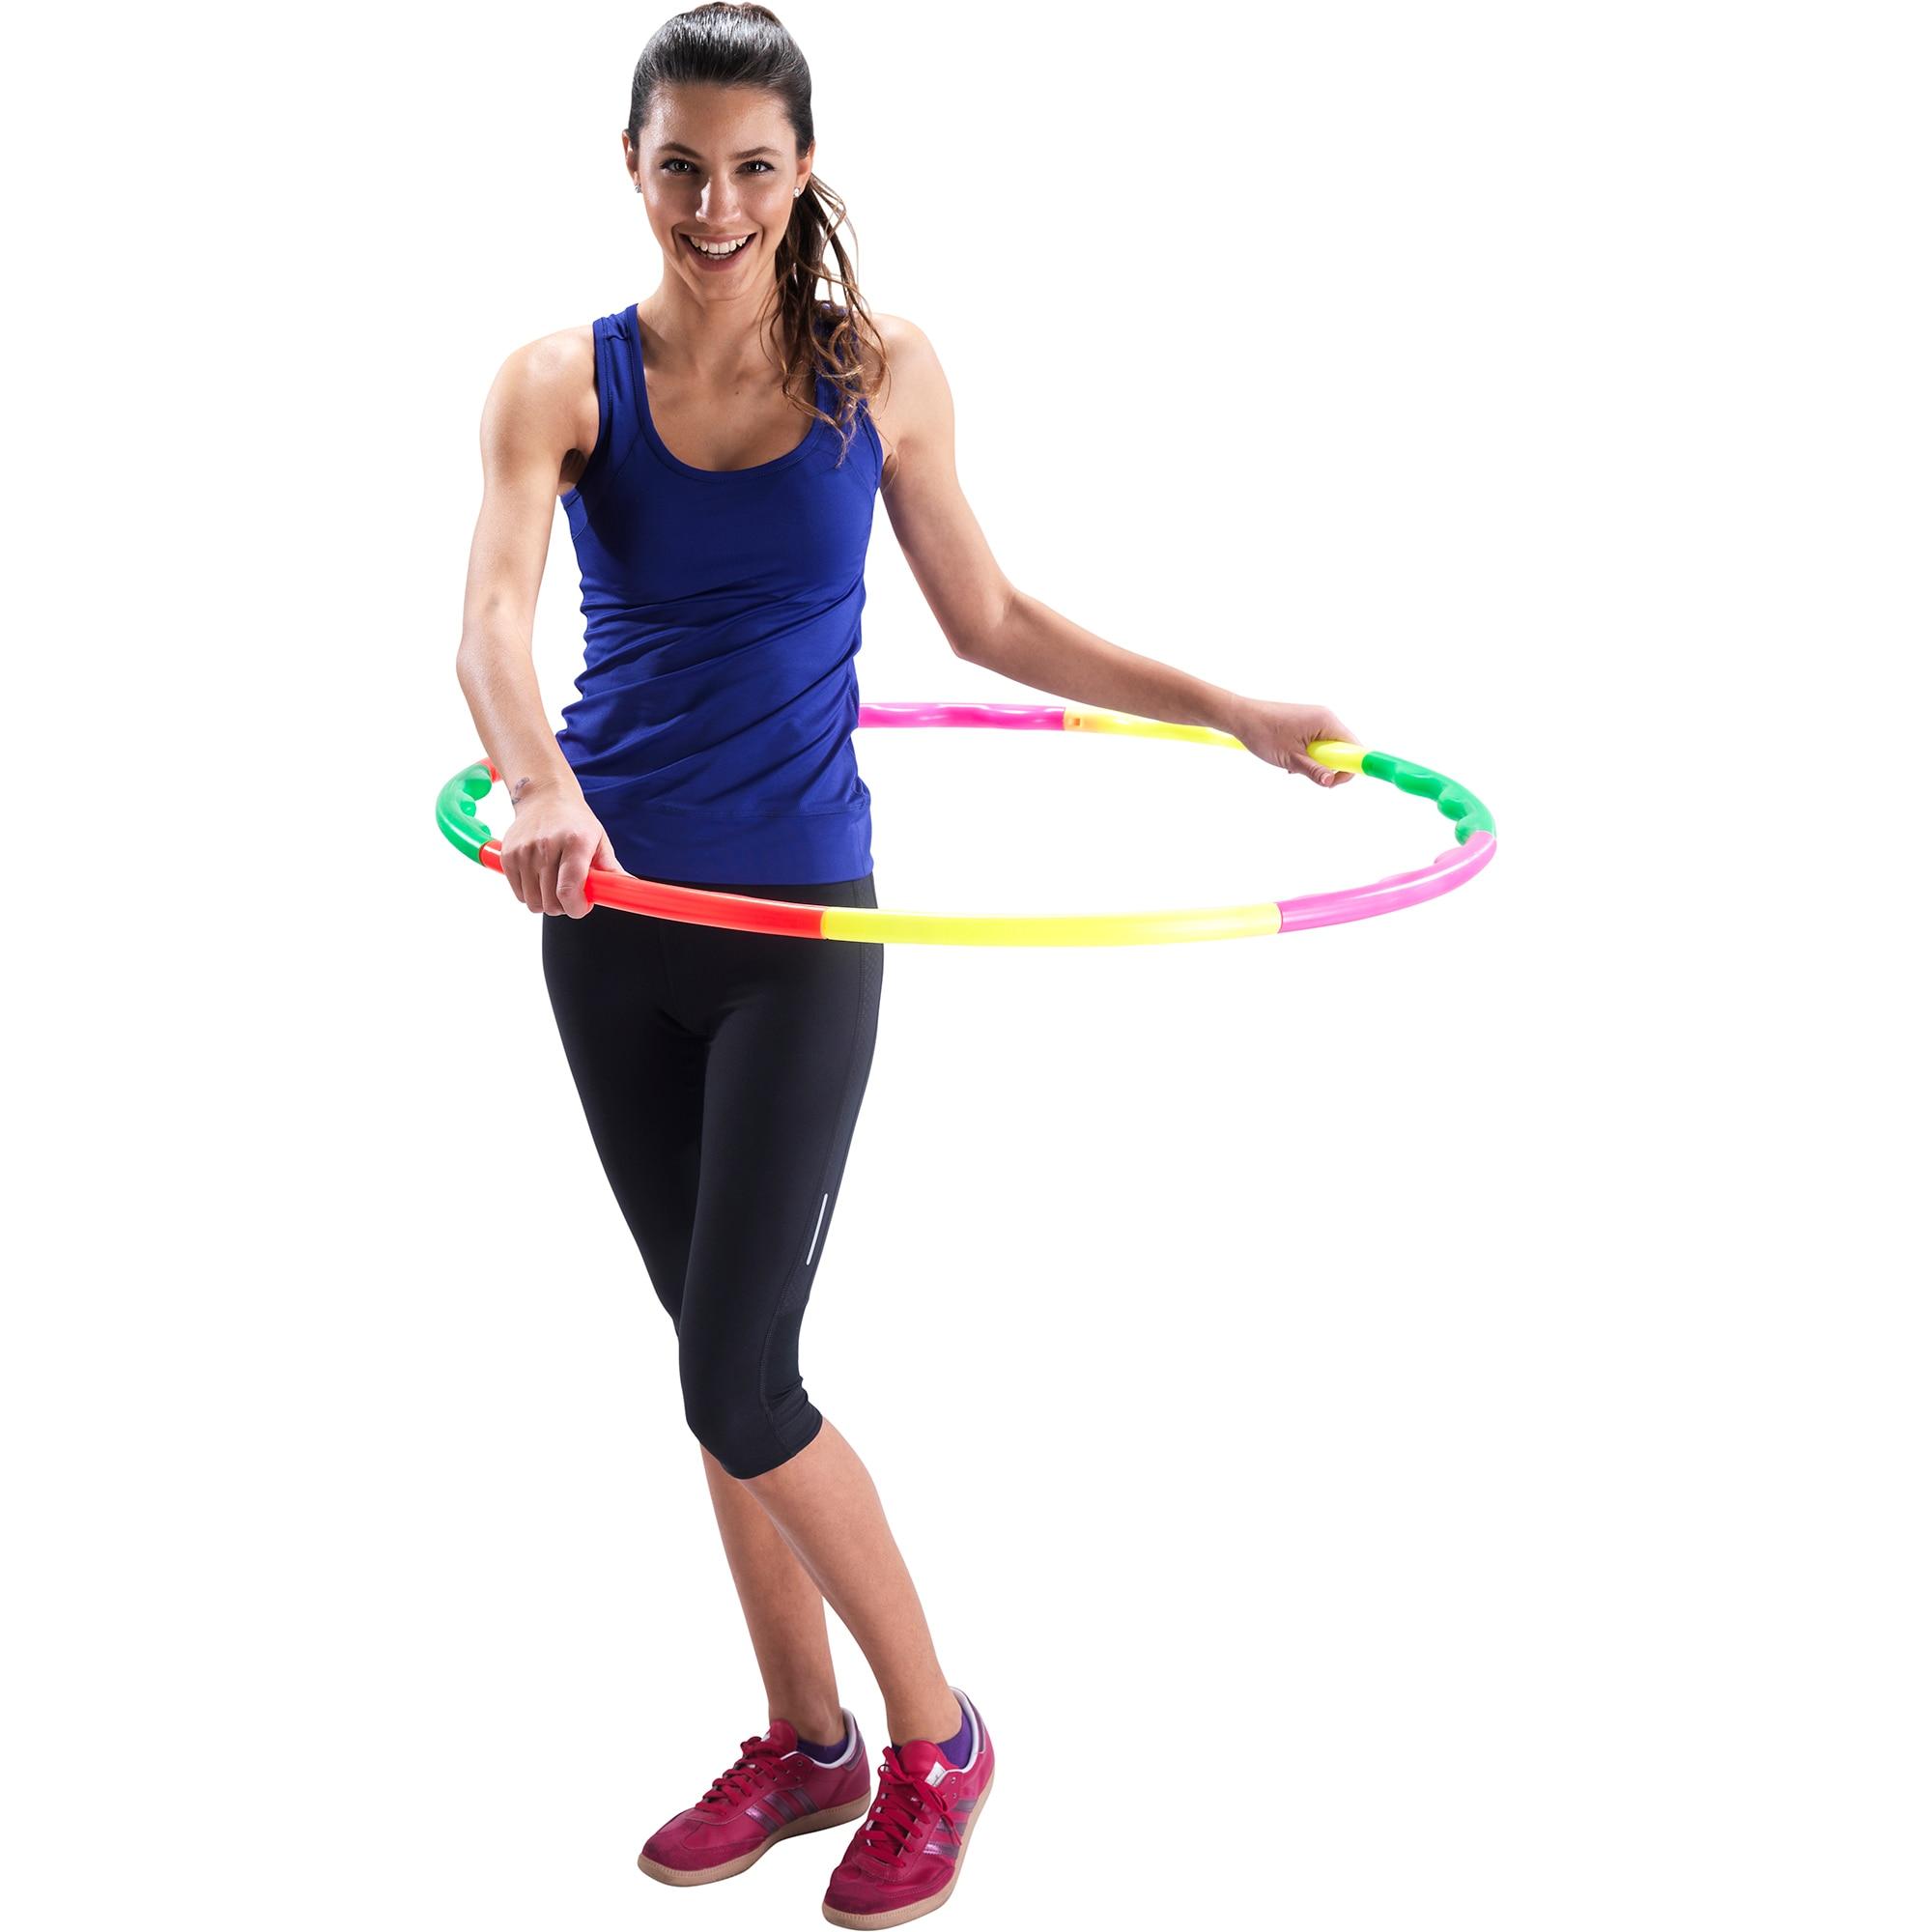 cum de hula hoop să piardă în greutate)